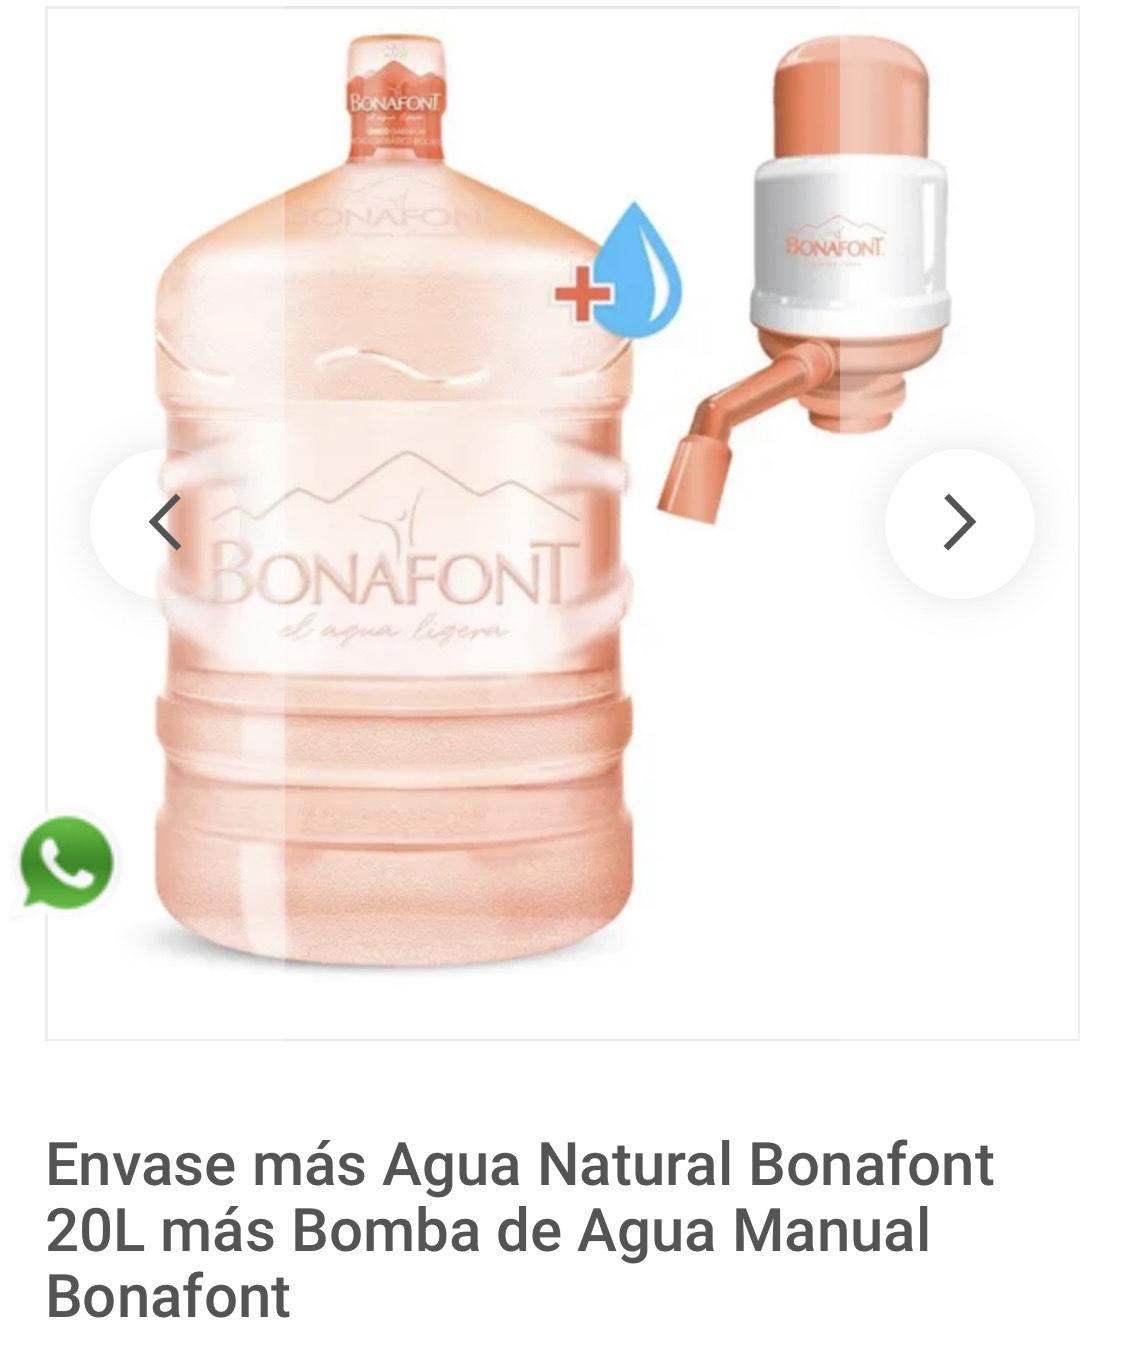 Bonafont: Envase más Agua Natural Bonafont 20L más Bomba de Agua Manual Bonafont